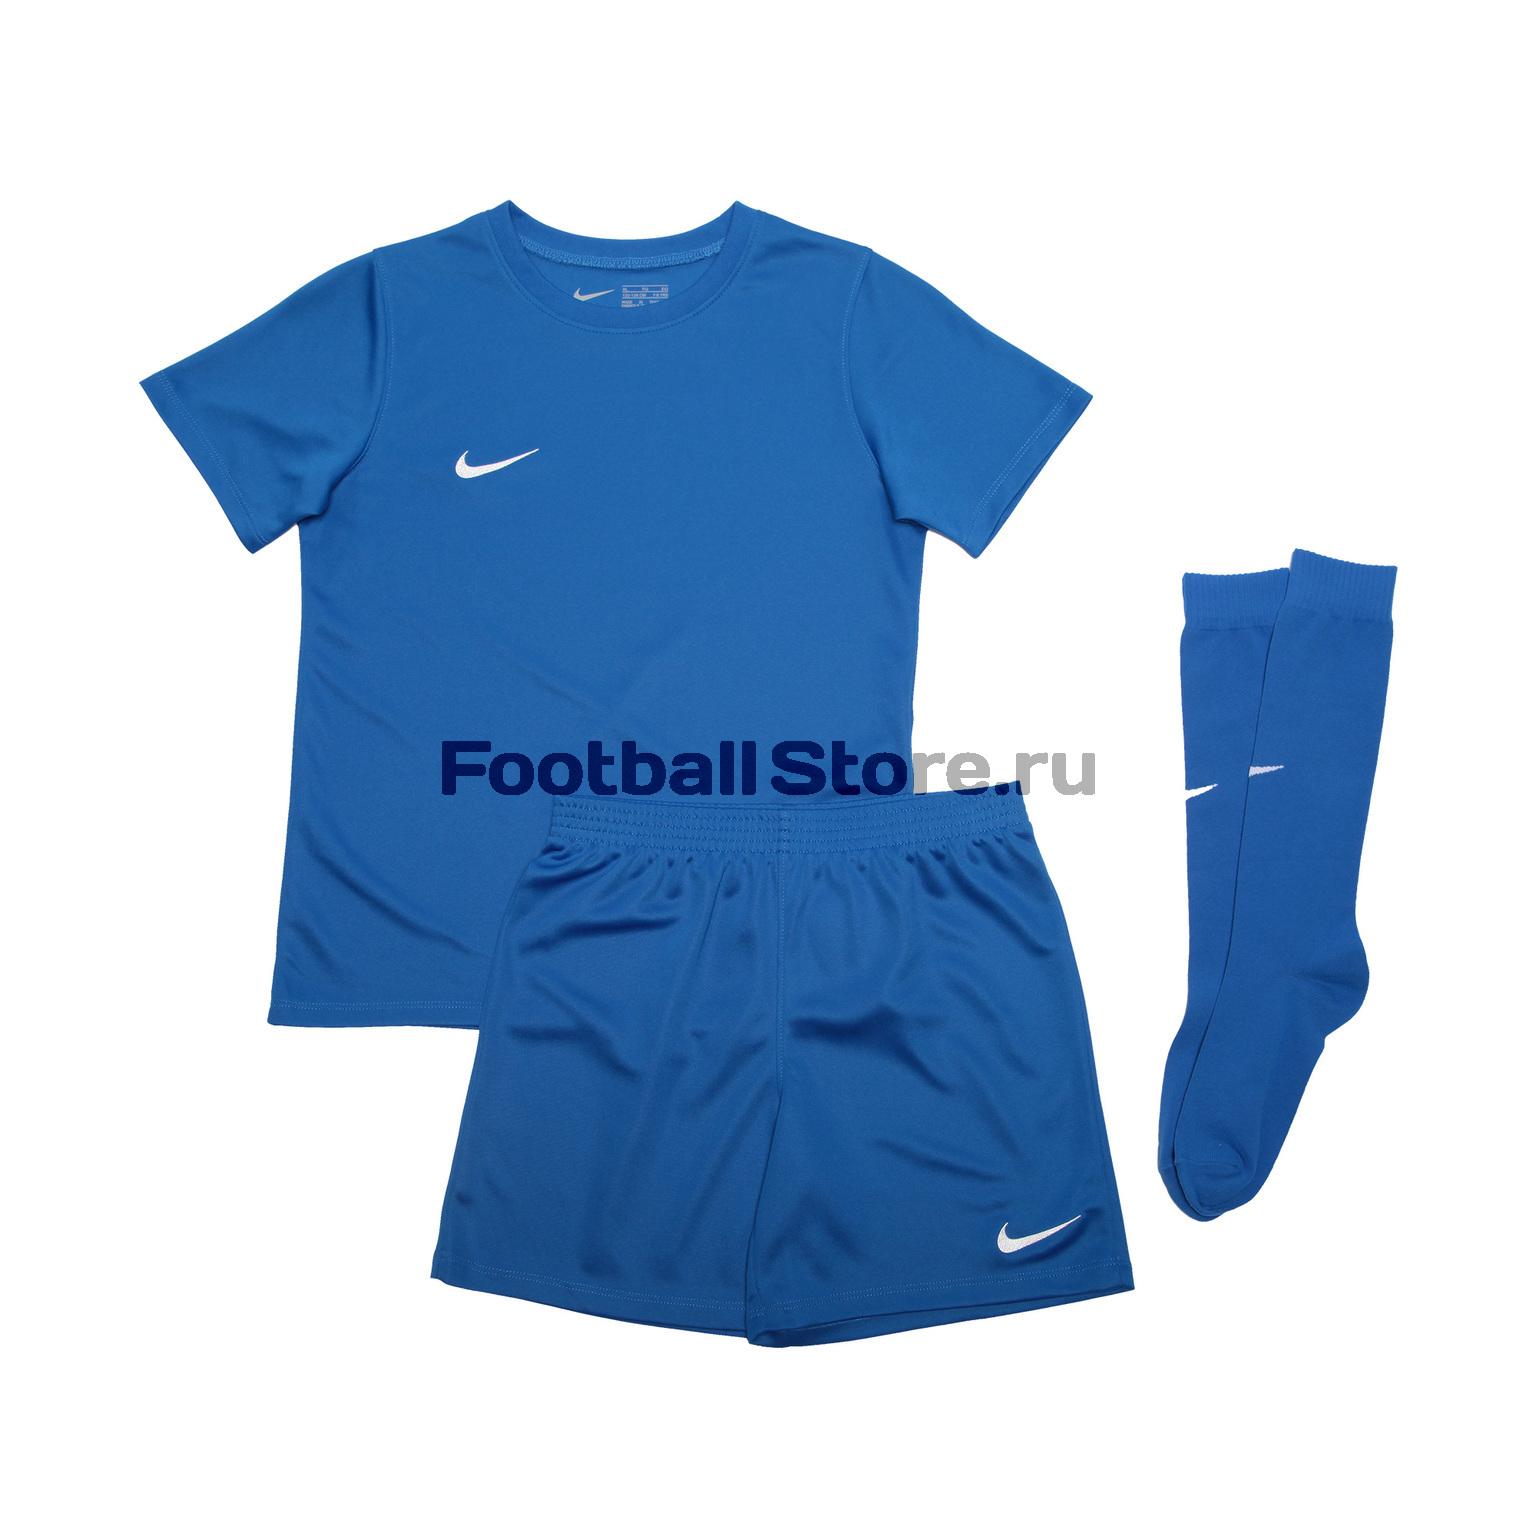 Комплект детской формы Nike Dry Park Kit Set AH5487-463 цена и фото